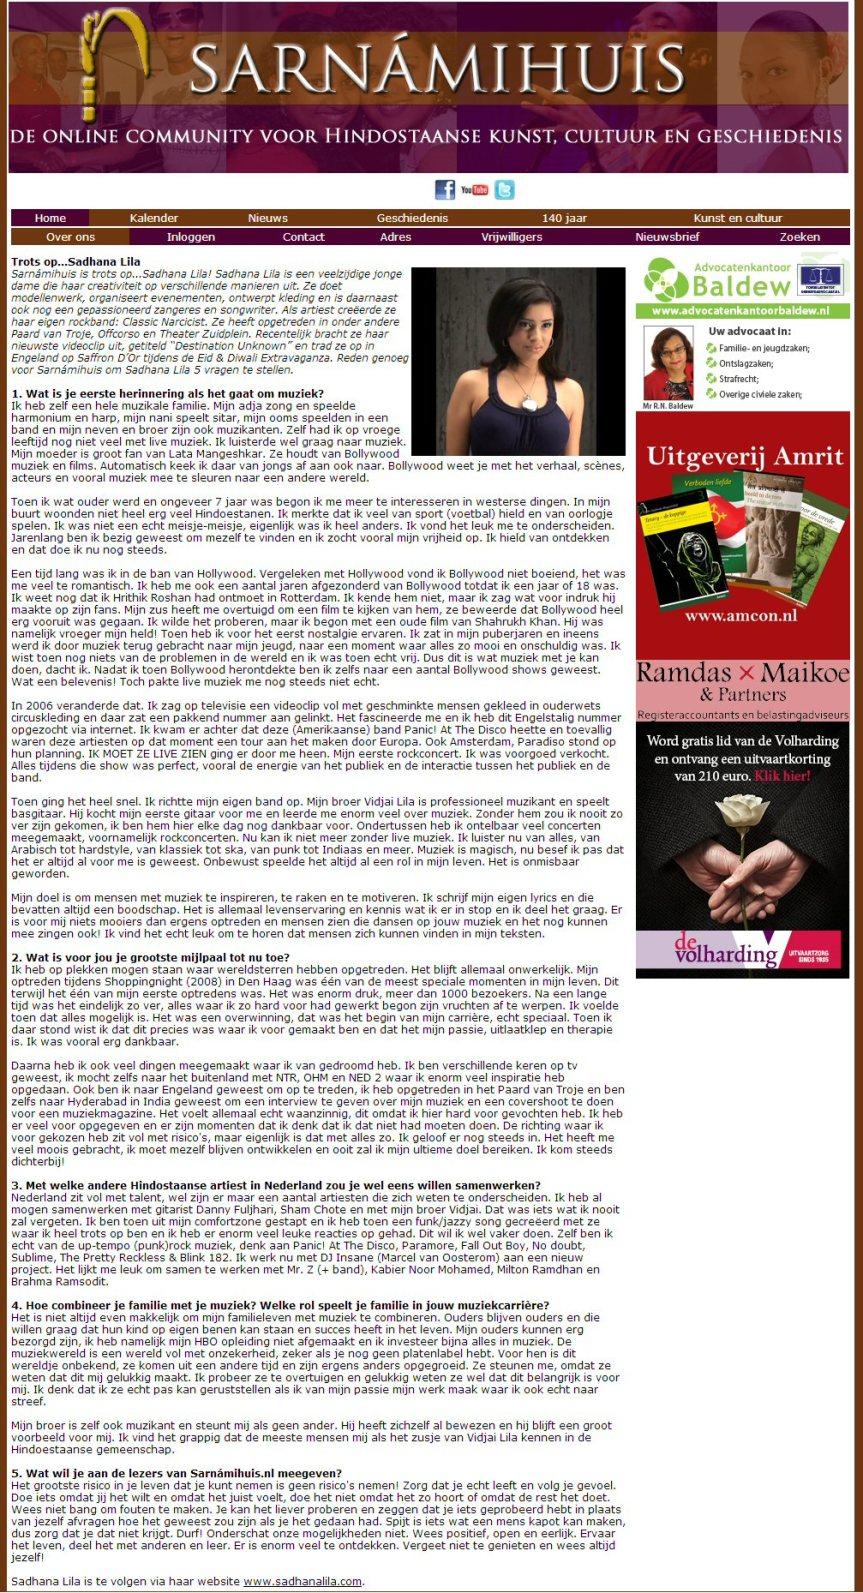 Publicatie interview Sadhana Lila website 'Het Sarnamihuis'